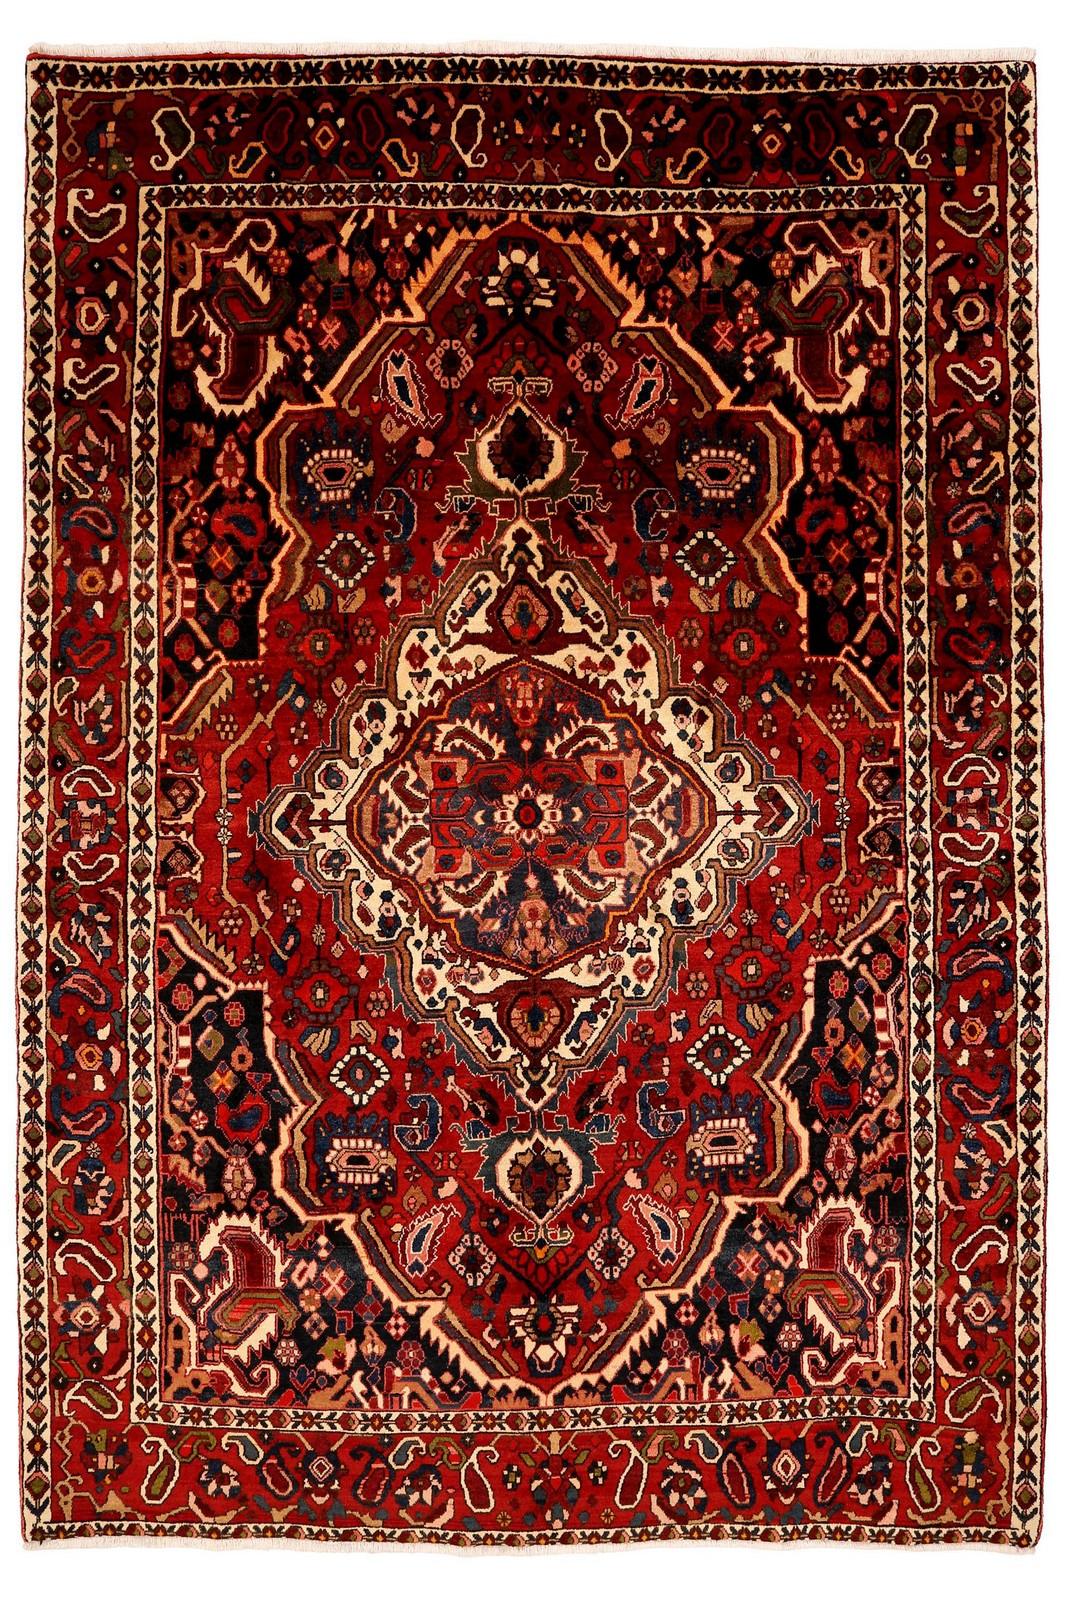 Persisk Bakhtiari tæppe, 312x214 cm - Persisk Bakhtiari tæppe, uld på bomuld. 312x214 cm